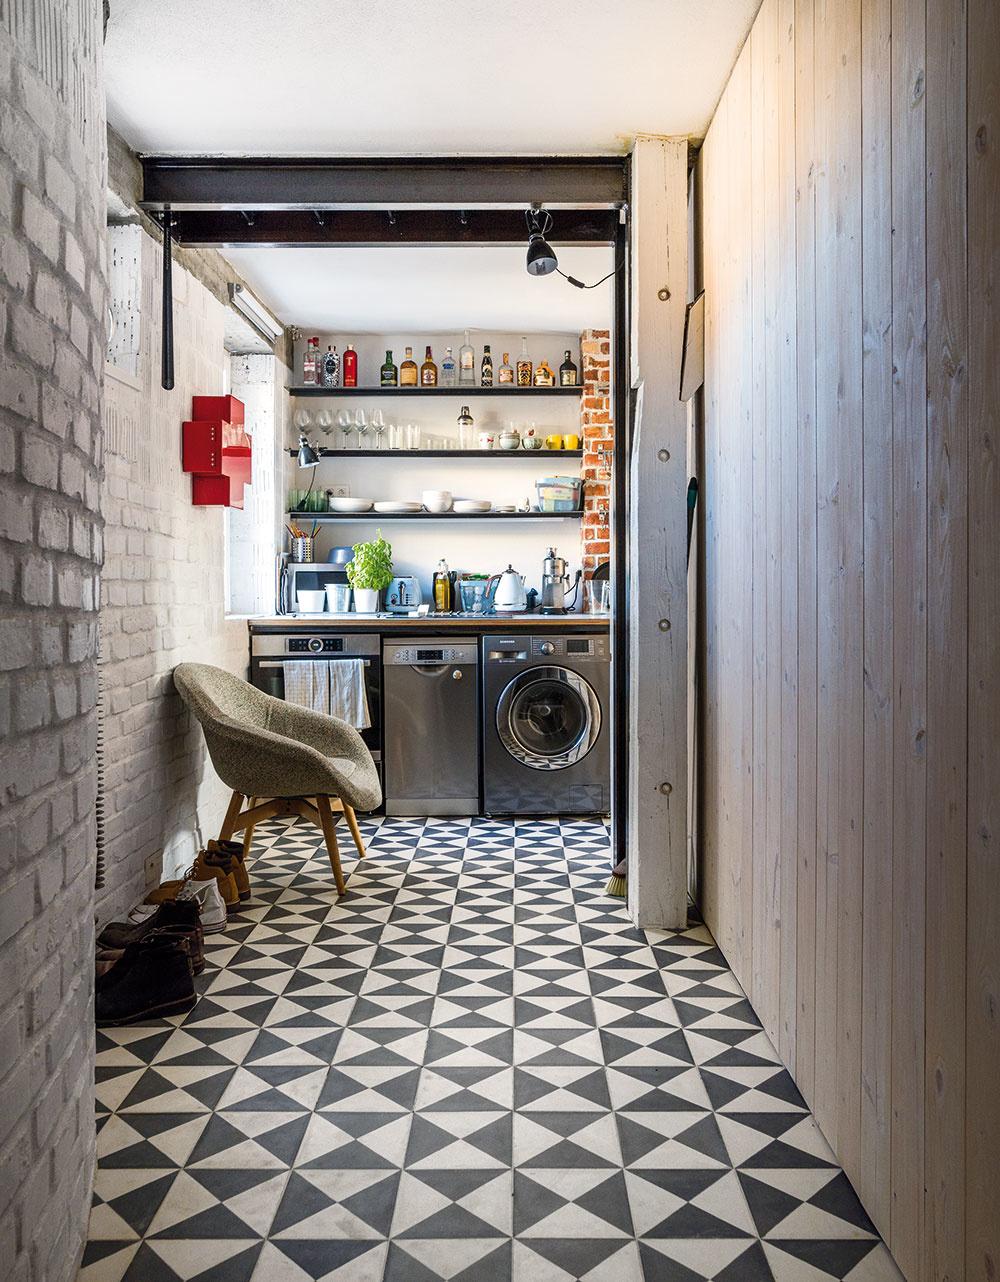 Najväčší z bytov zahŕňa aj najdlhšiu chodbu – je to daň za samostatný vstup pri daných priestorových limitoch. Architekti v nej však zabránili nude materiálovou pestrosťou povrchov (pôvodnú tehlu a nové drevo tu dopĺňa pôsobivá ručne robená cementová podlaha). V rámci možností využili chodbu aj prakticky, na odkladacie priestory a umiestnenie kuchyne.